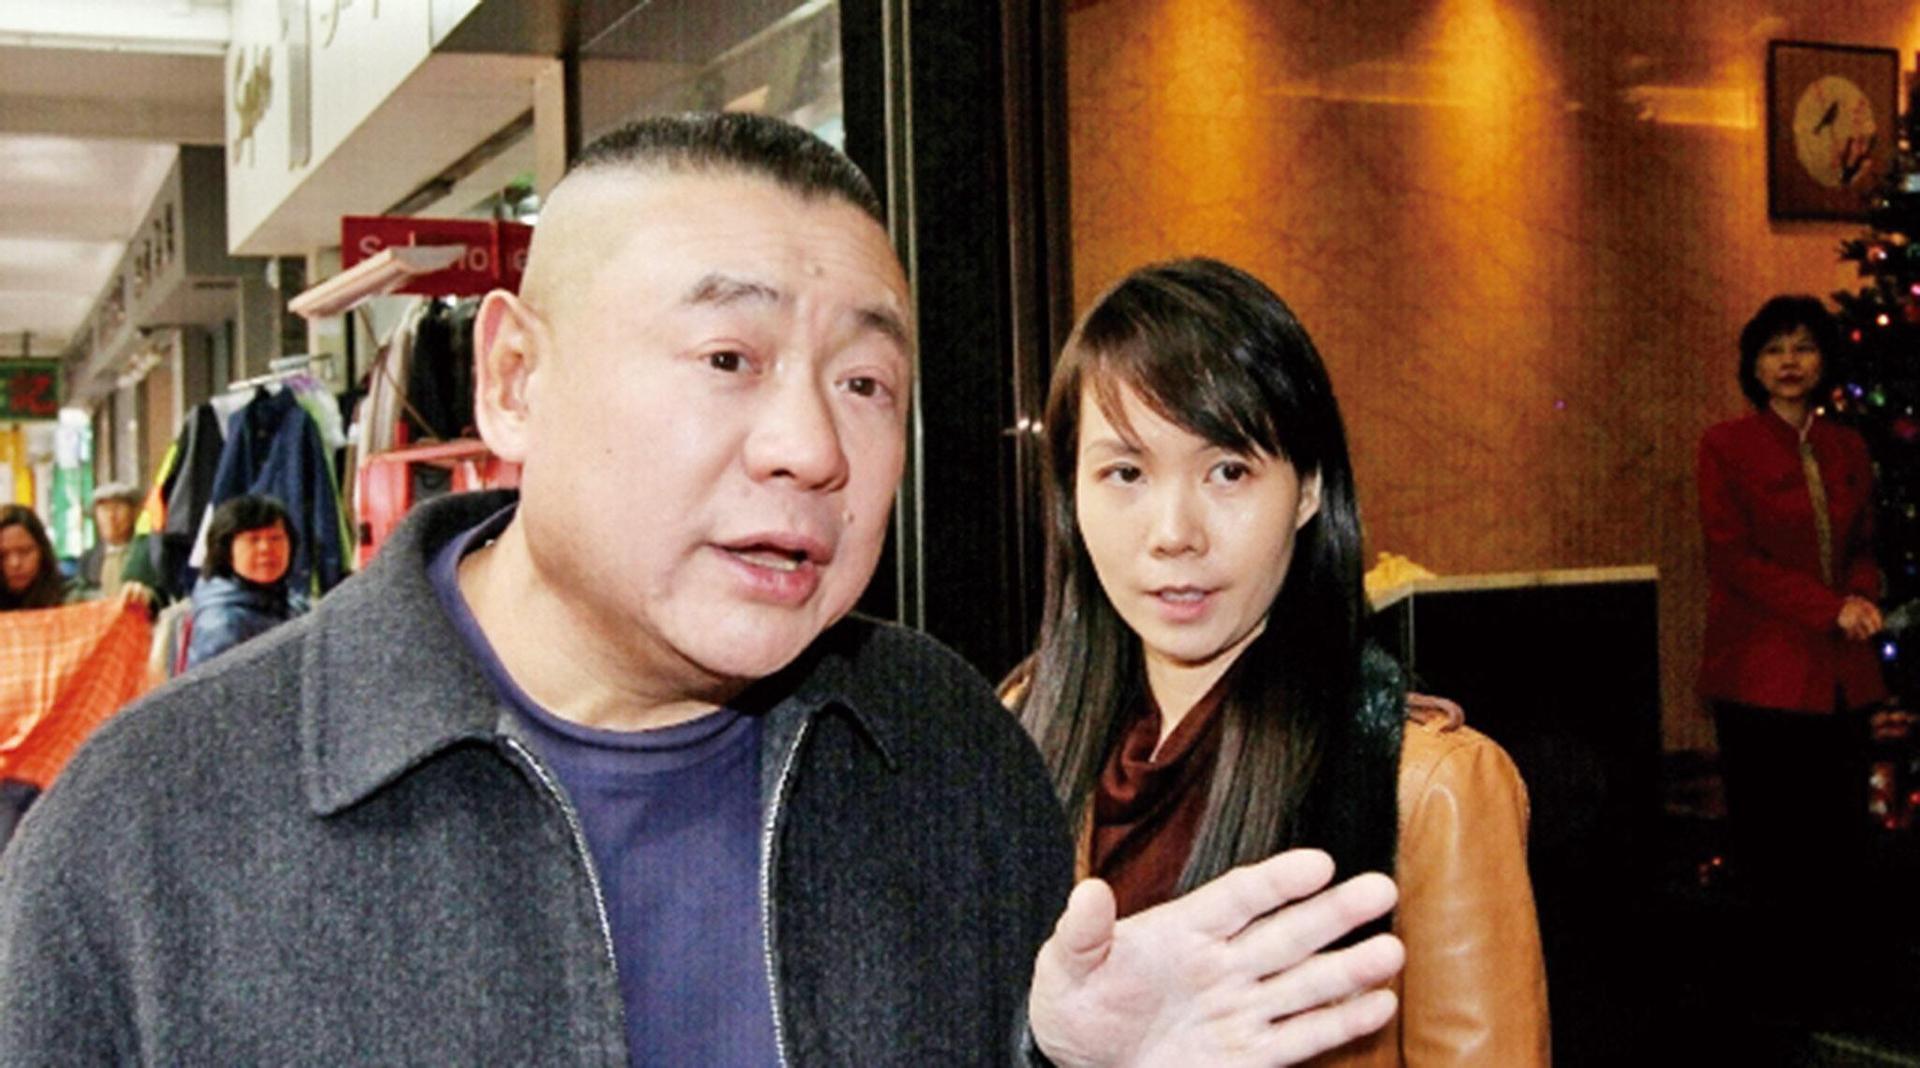 香港知名主持人自曝出轨,曾与刘銮雄前妻相恋,并大曝双方私密事